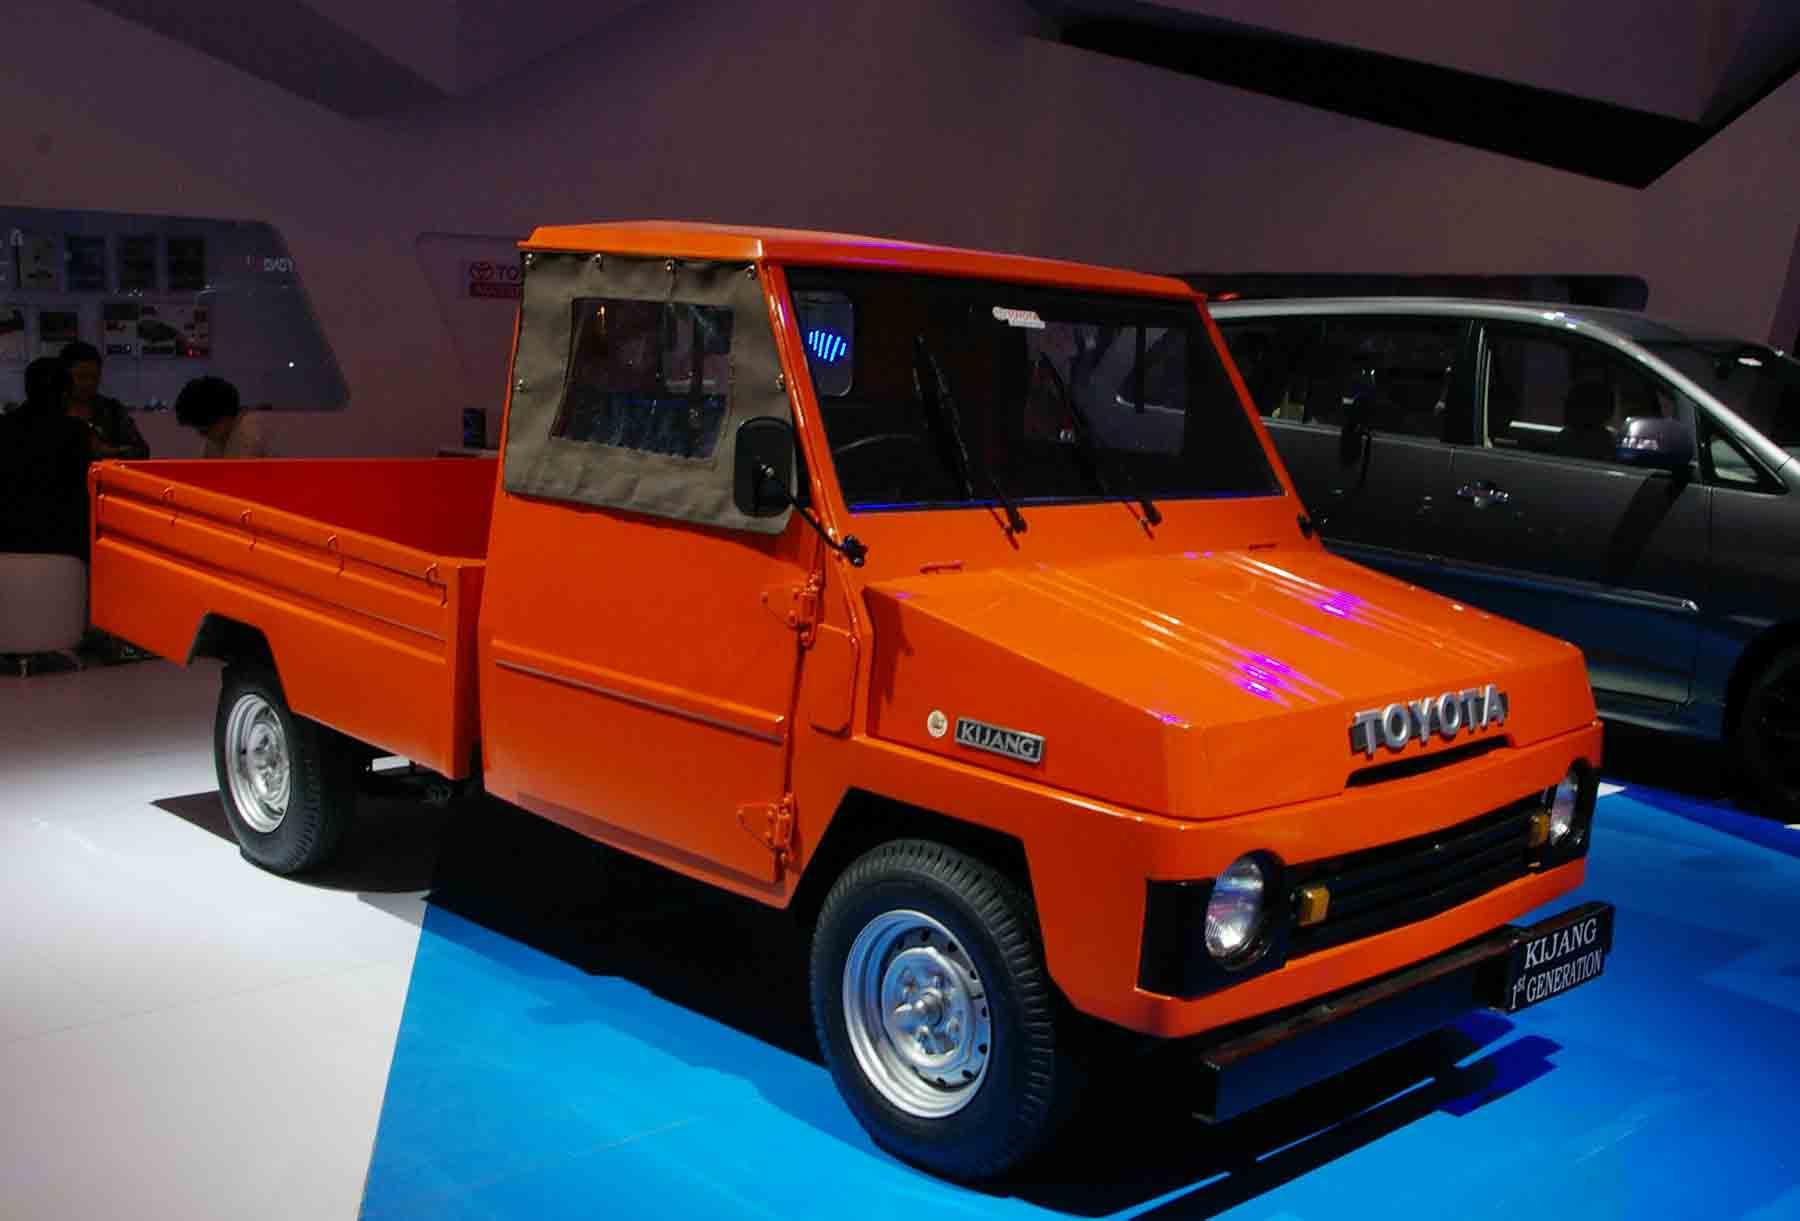 76 Mobil Modif Kijang Buaya Terbaik